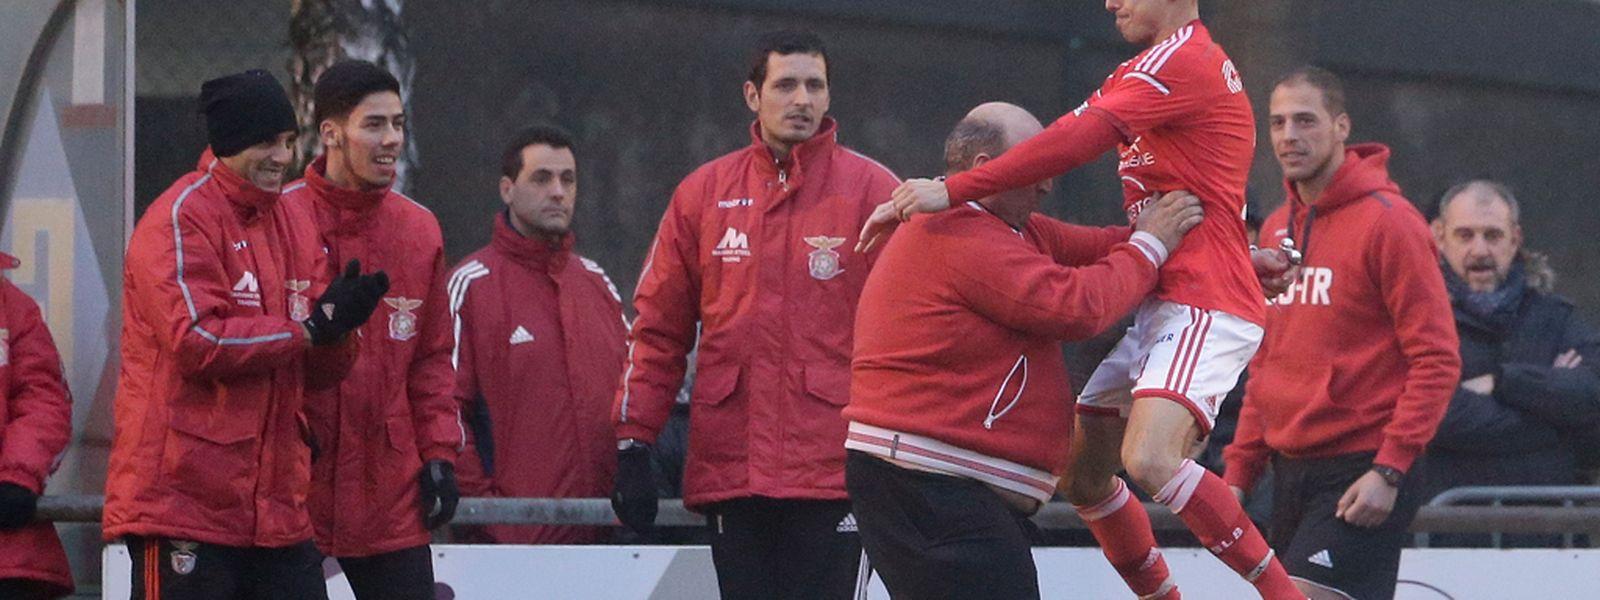 Kann RM Hamm Benfica für eine weitere Überraschung sorgen?